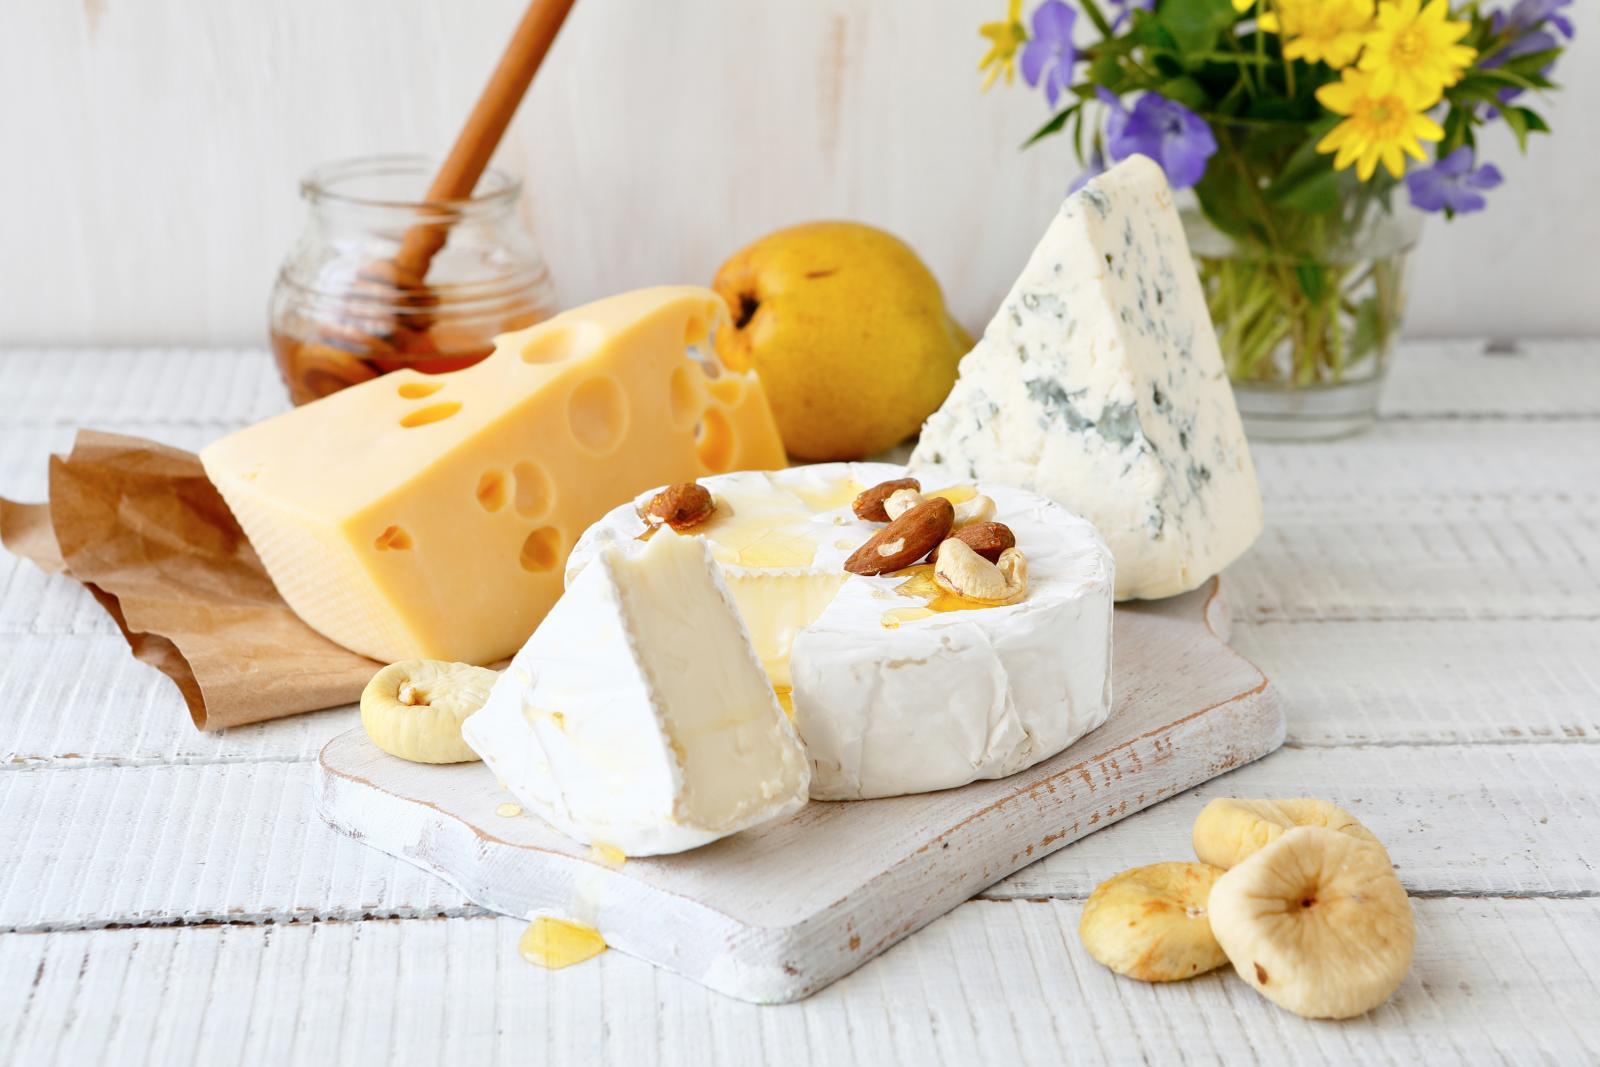 Osim što se odlično sljubljuju, kozji sir i bademi su i bogati izvori riboflavina.